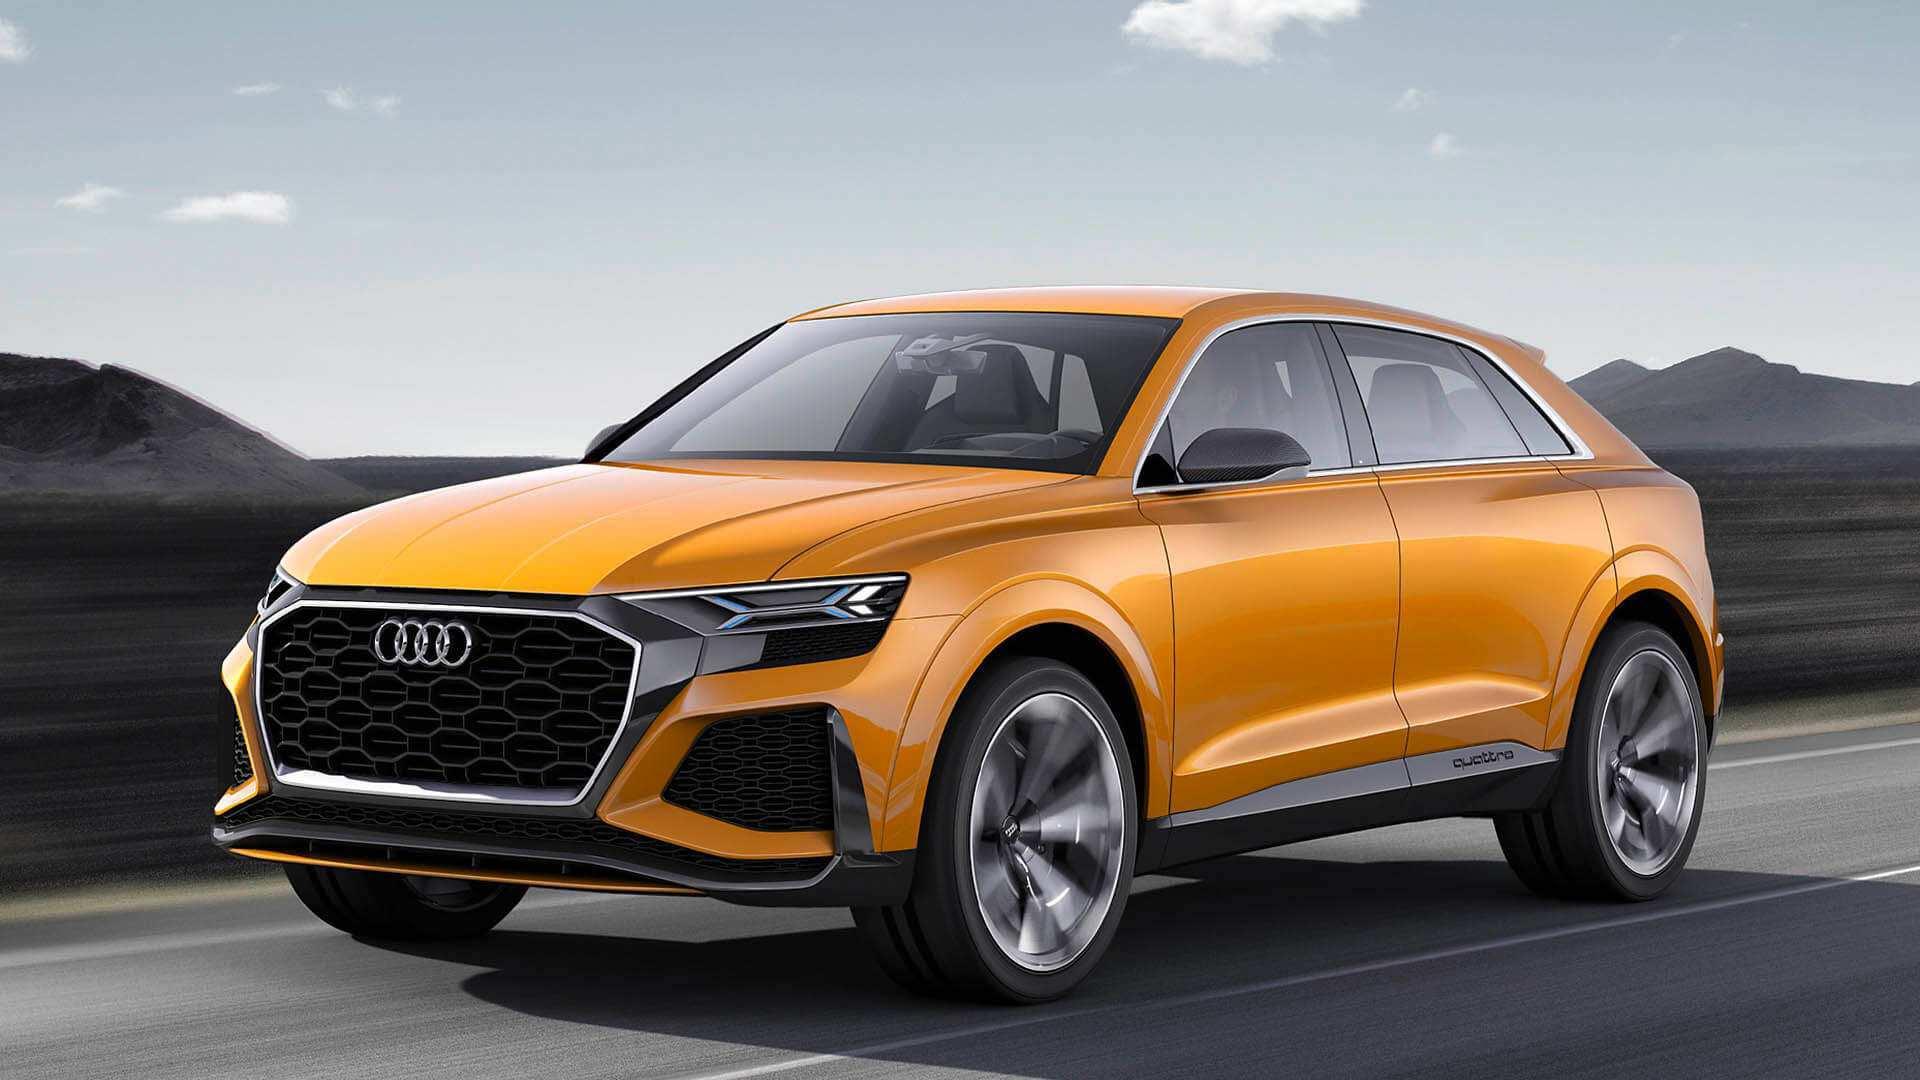 98 All New Audi Neuheiten Bis 2020 Engine for Audi Neuheiten Bis 2020